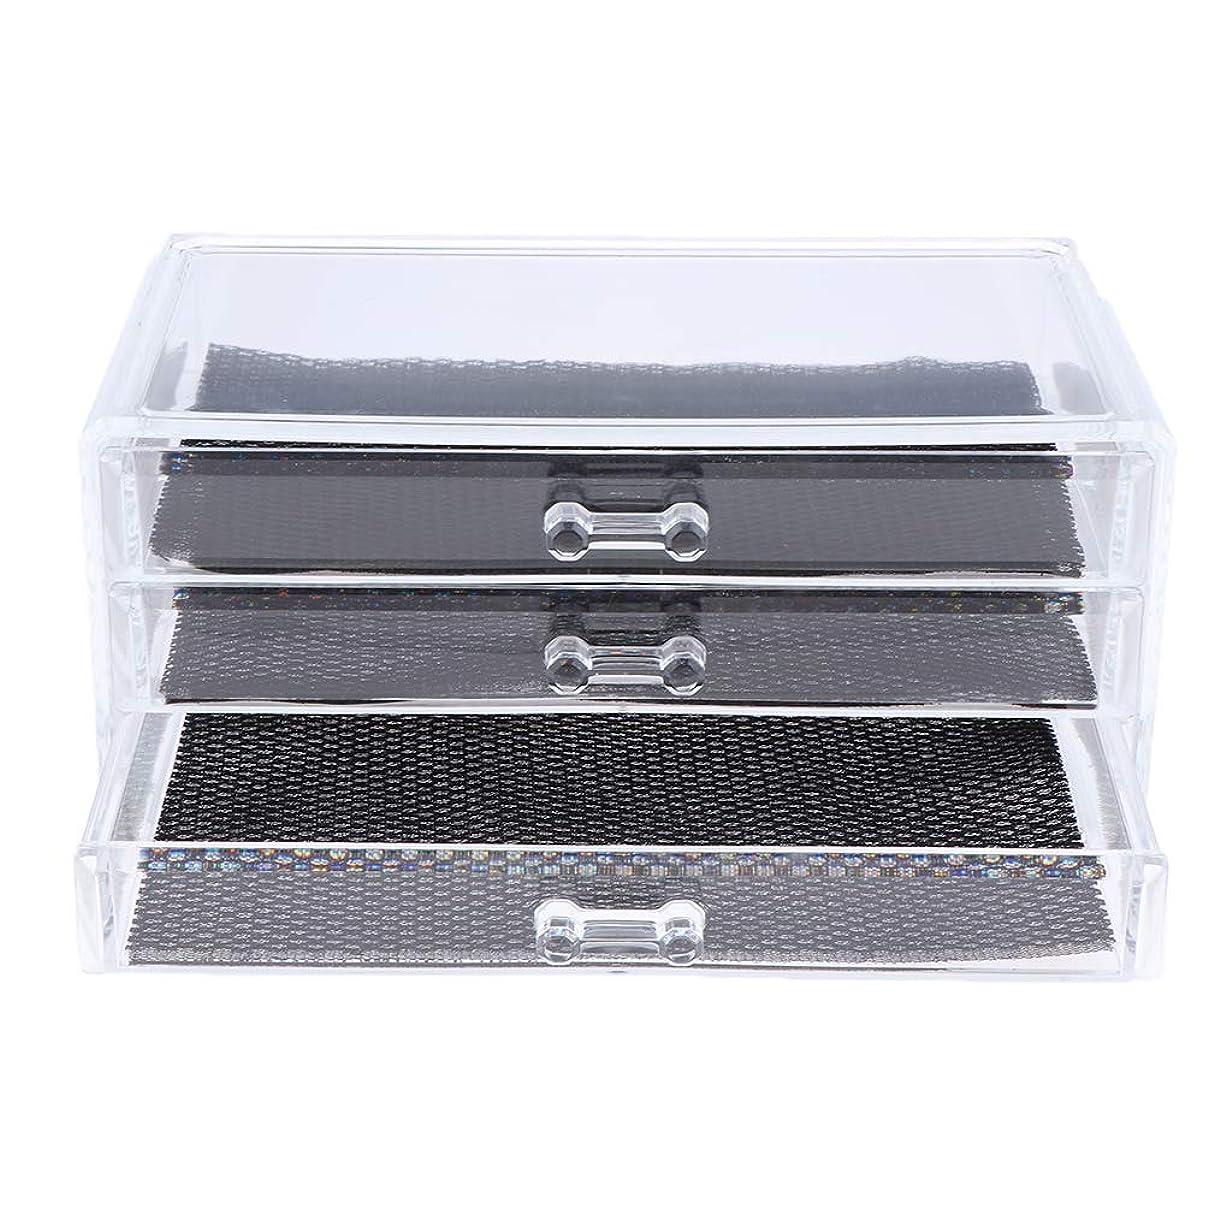 ロマンチック突っ込むリブ化粧品収納ボックス メイクケース 化粧品収納整理 防塵 透明 コスメ収納ボックス 引き出し式 全3種 - 3つの引き出し